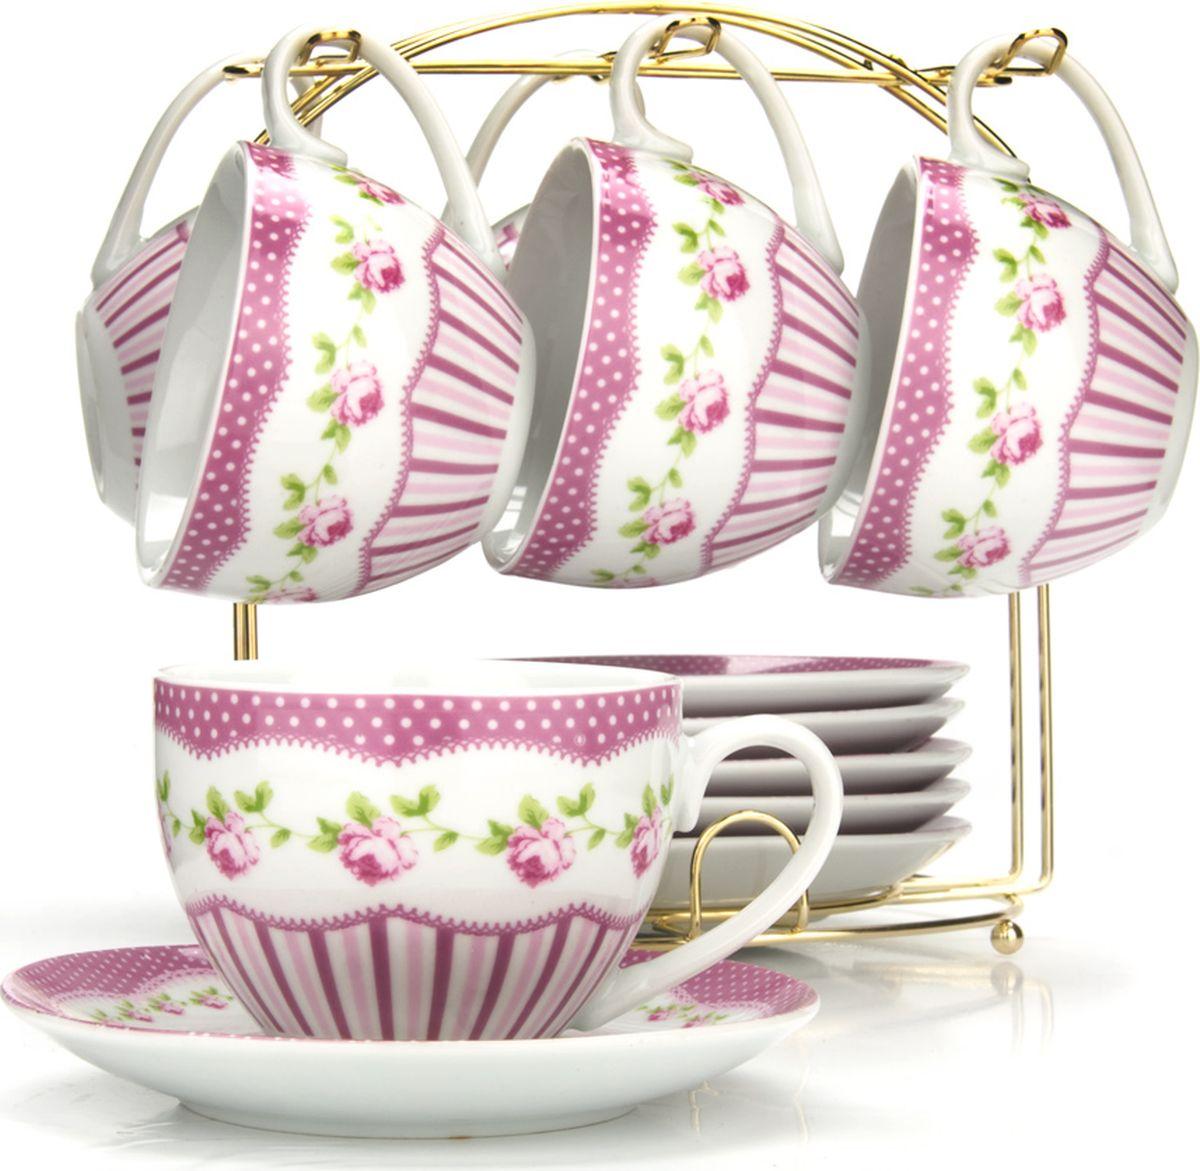 Сервиз чайный Loraine, на подставке, 13 предметов. 43298 сервиз чайный loraine на подставке 13 предметов 43295